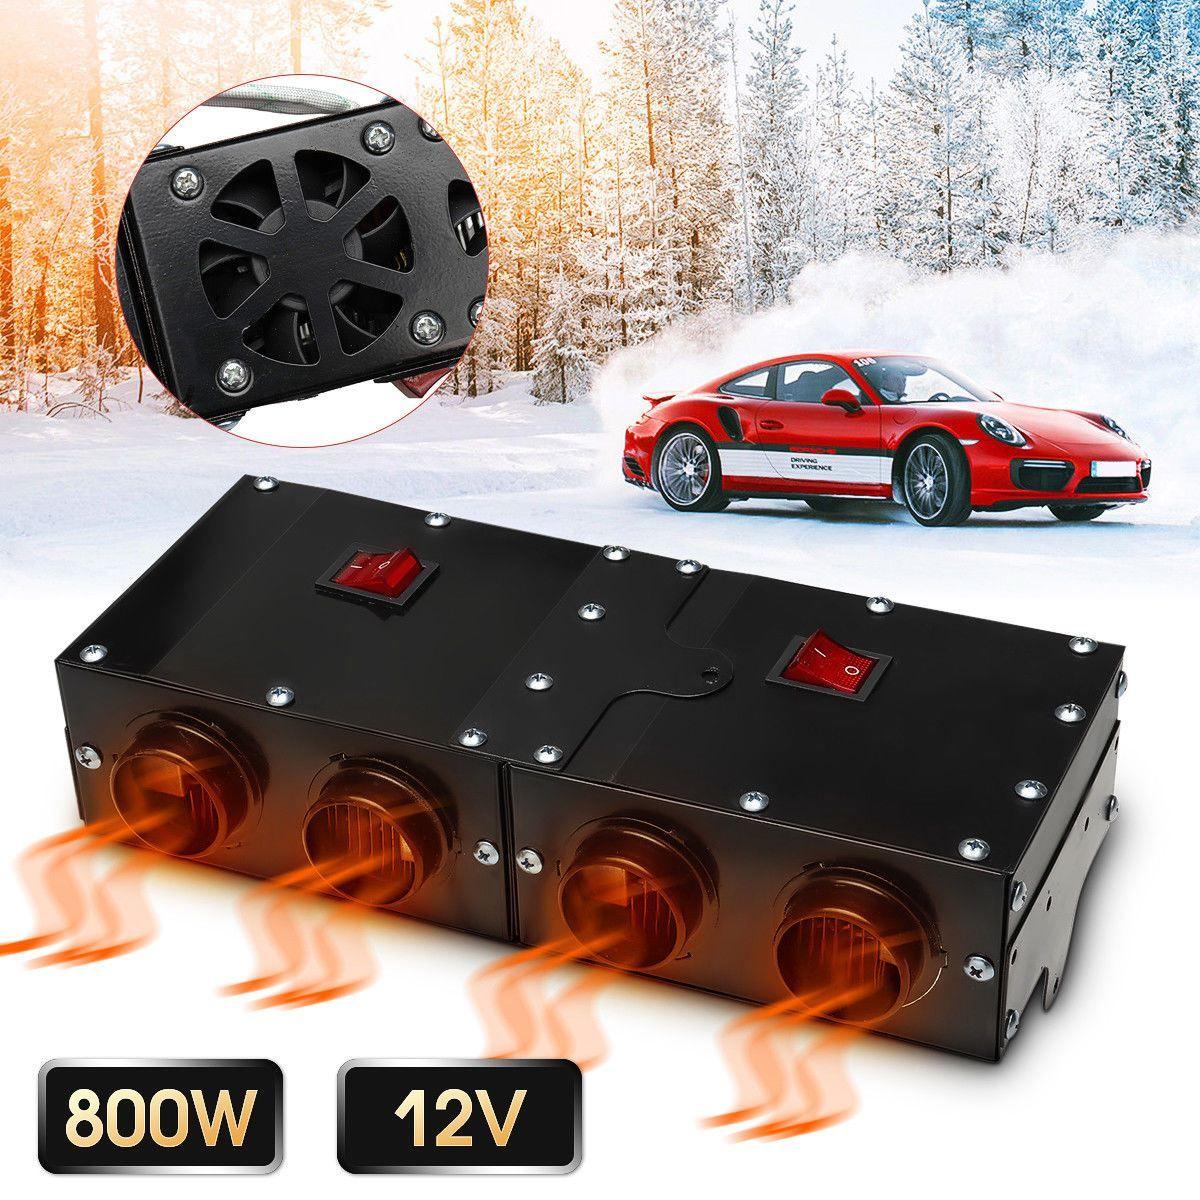 800 watt/500 watt Universal Tragbare Auto Heizung Auto Van Heizung Luft Heizung Kompakte Defroster Demister 12 v Auto elektrische Geräte